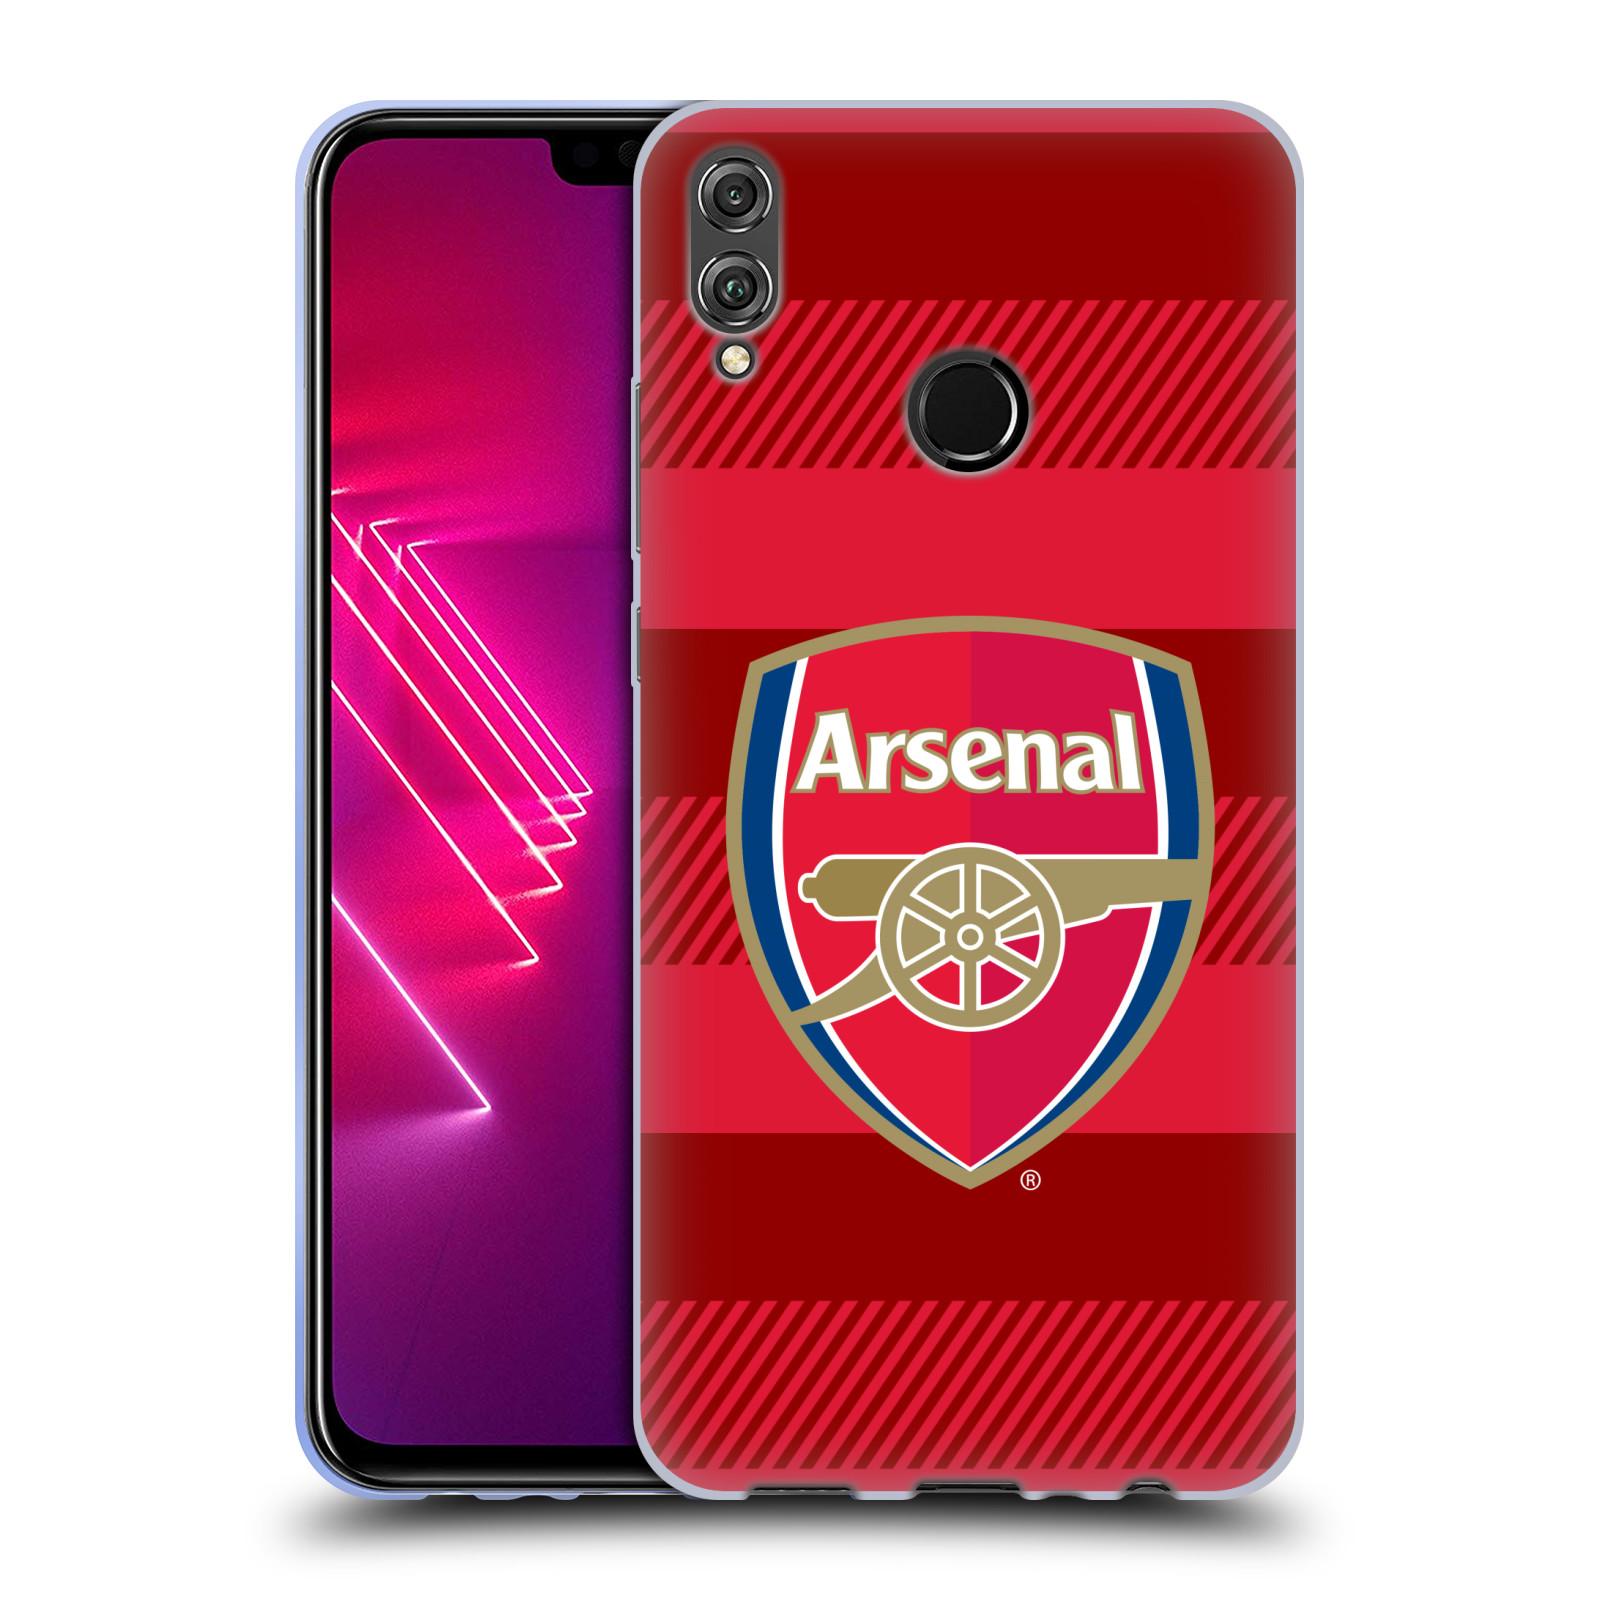 Silikonové pouzdro na mobil Honor View 10 Lite - Head Case - Arsenal FC - Logo s pruhy